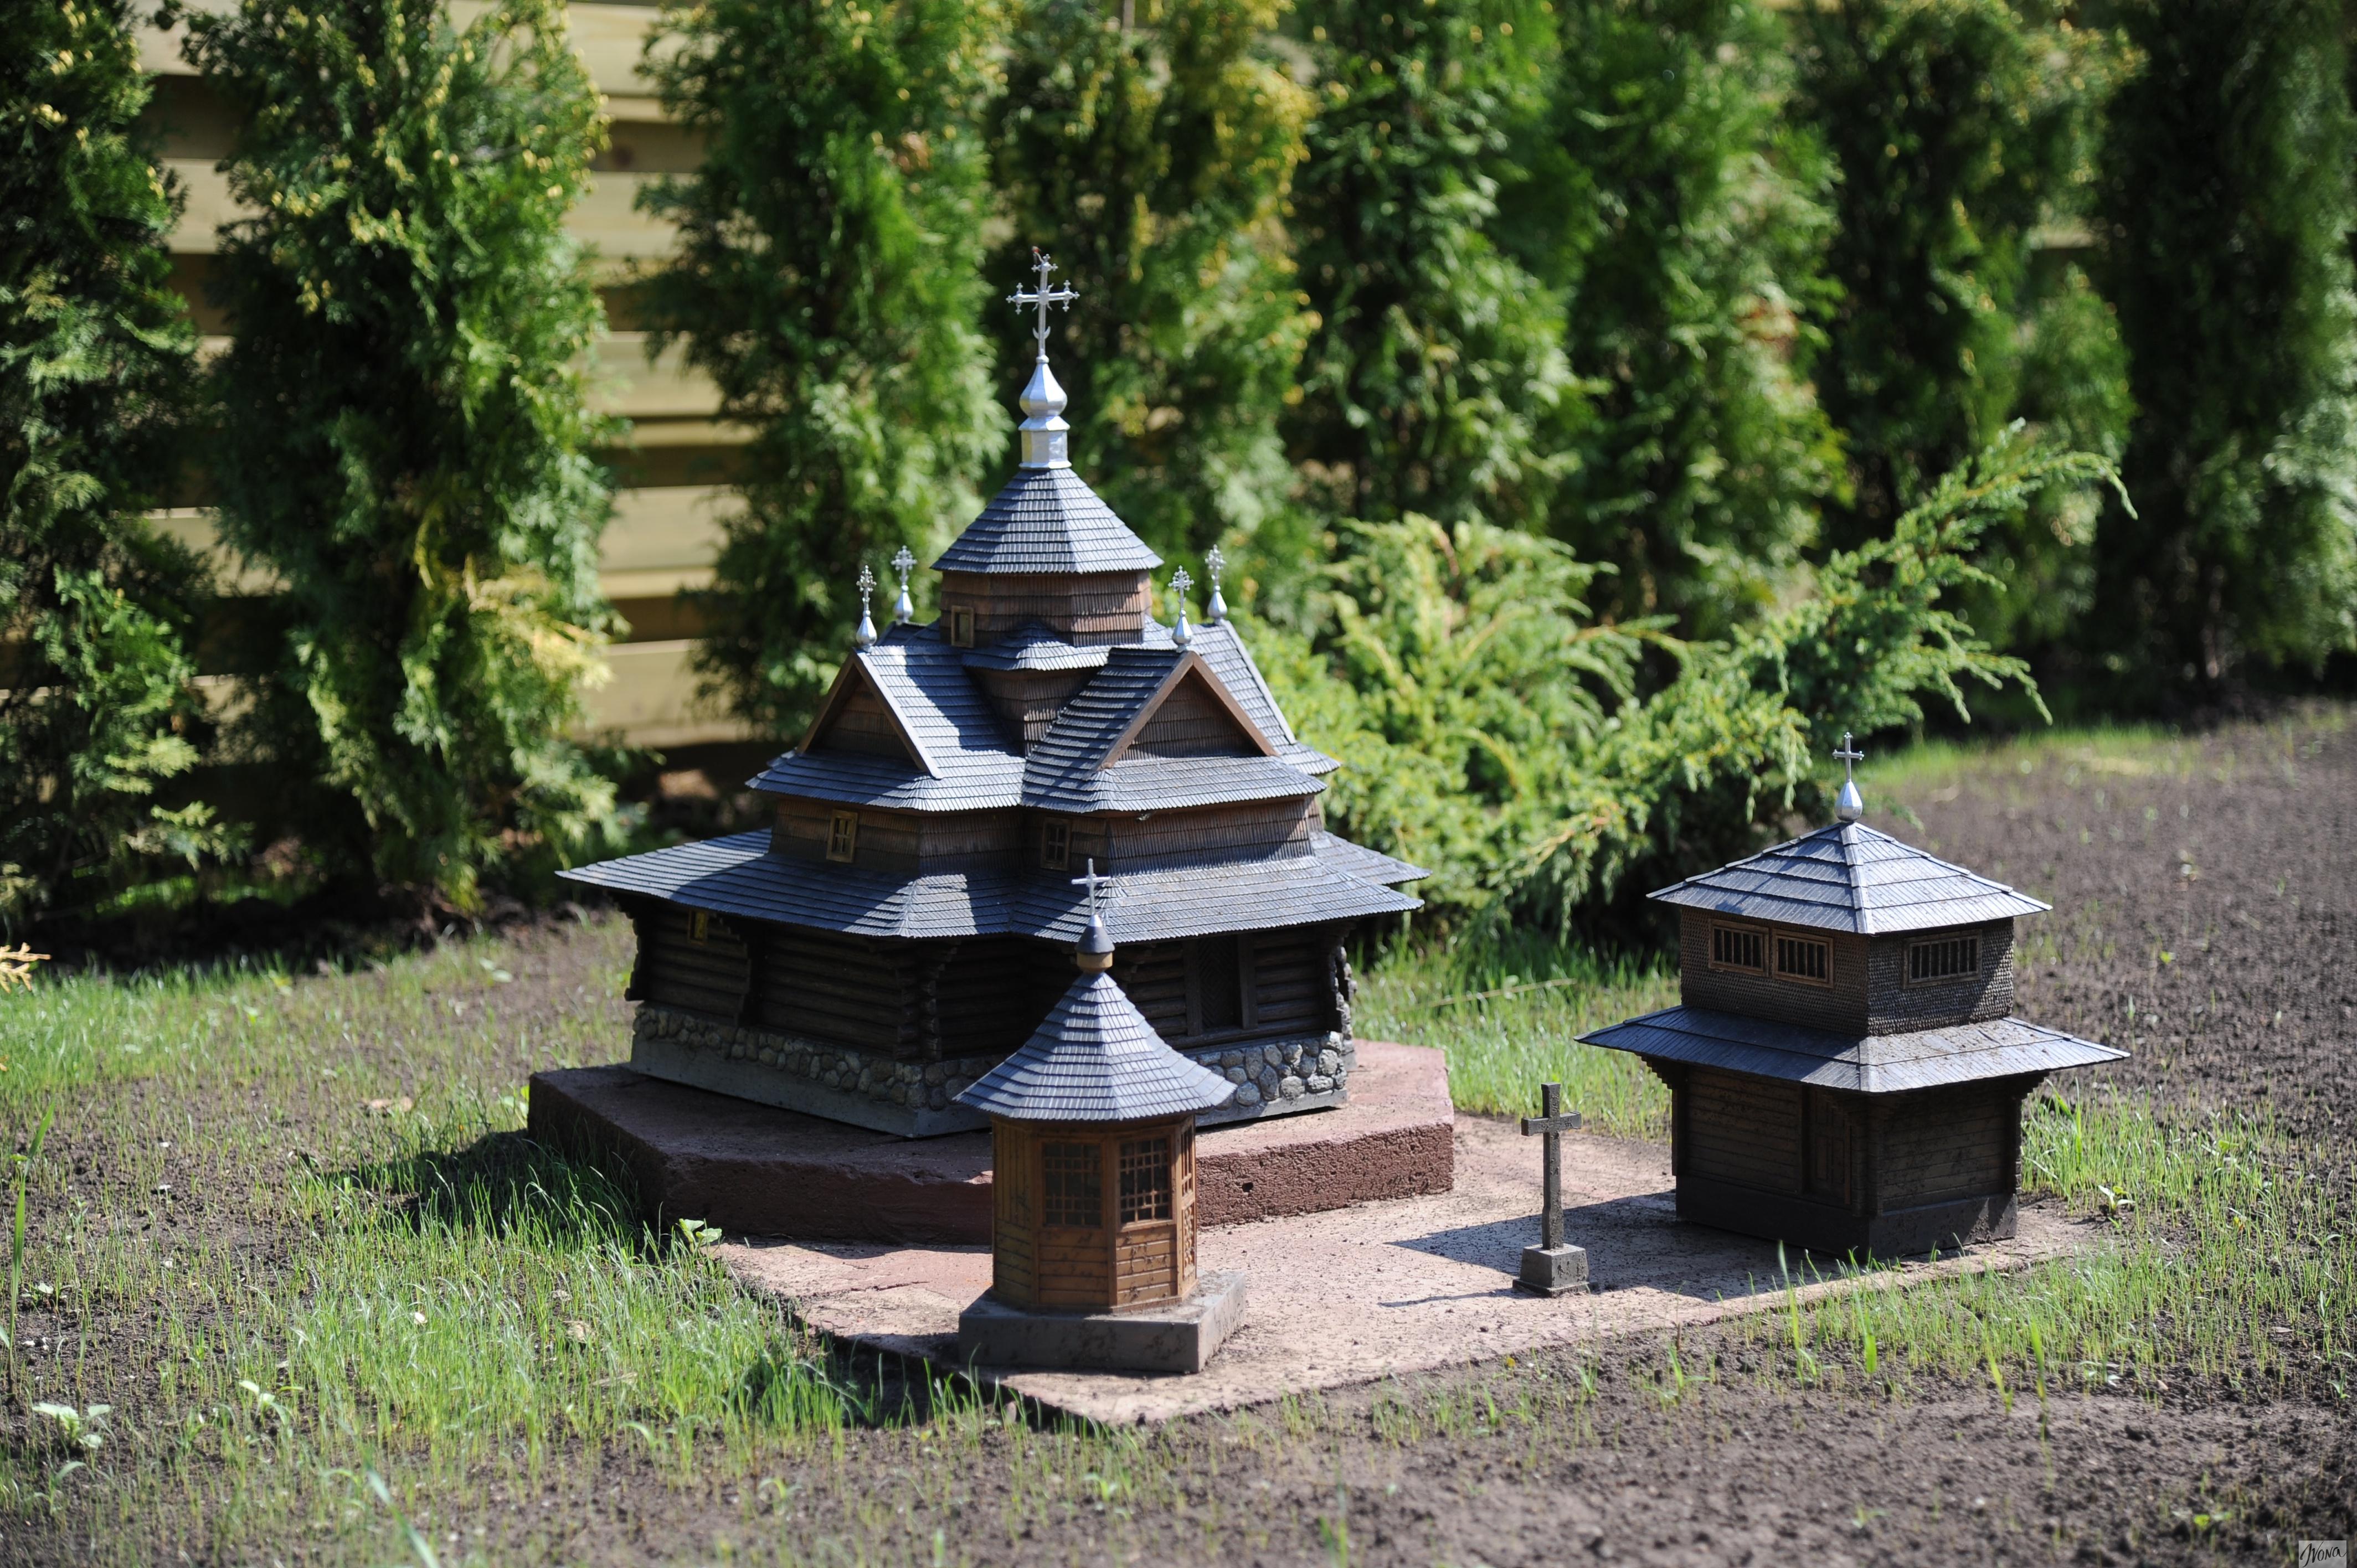 Выставка миниатюр. Церква Пресвятой Богородице в Ворохте